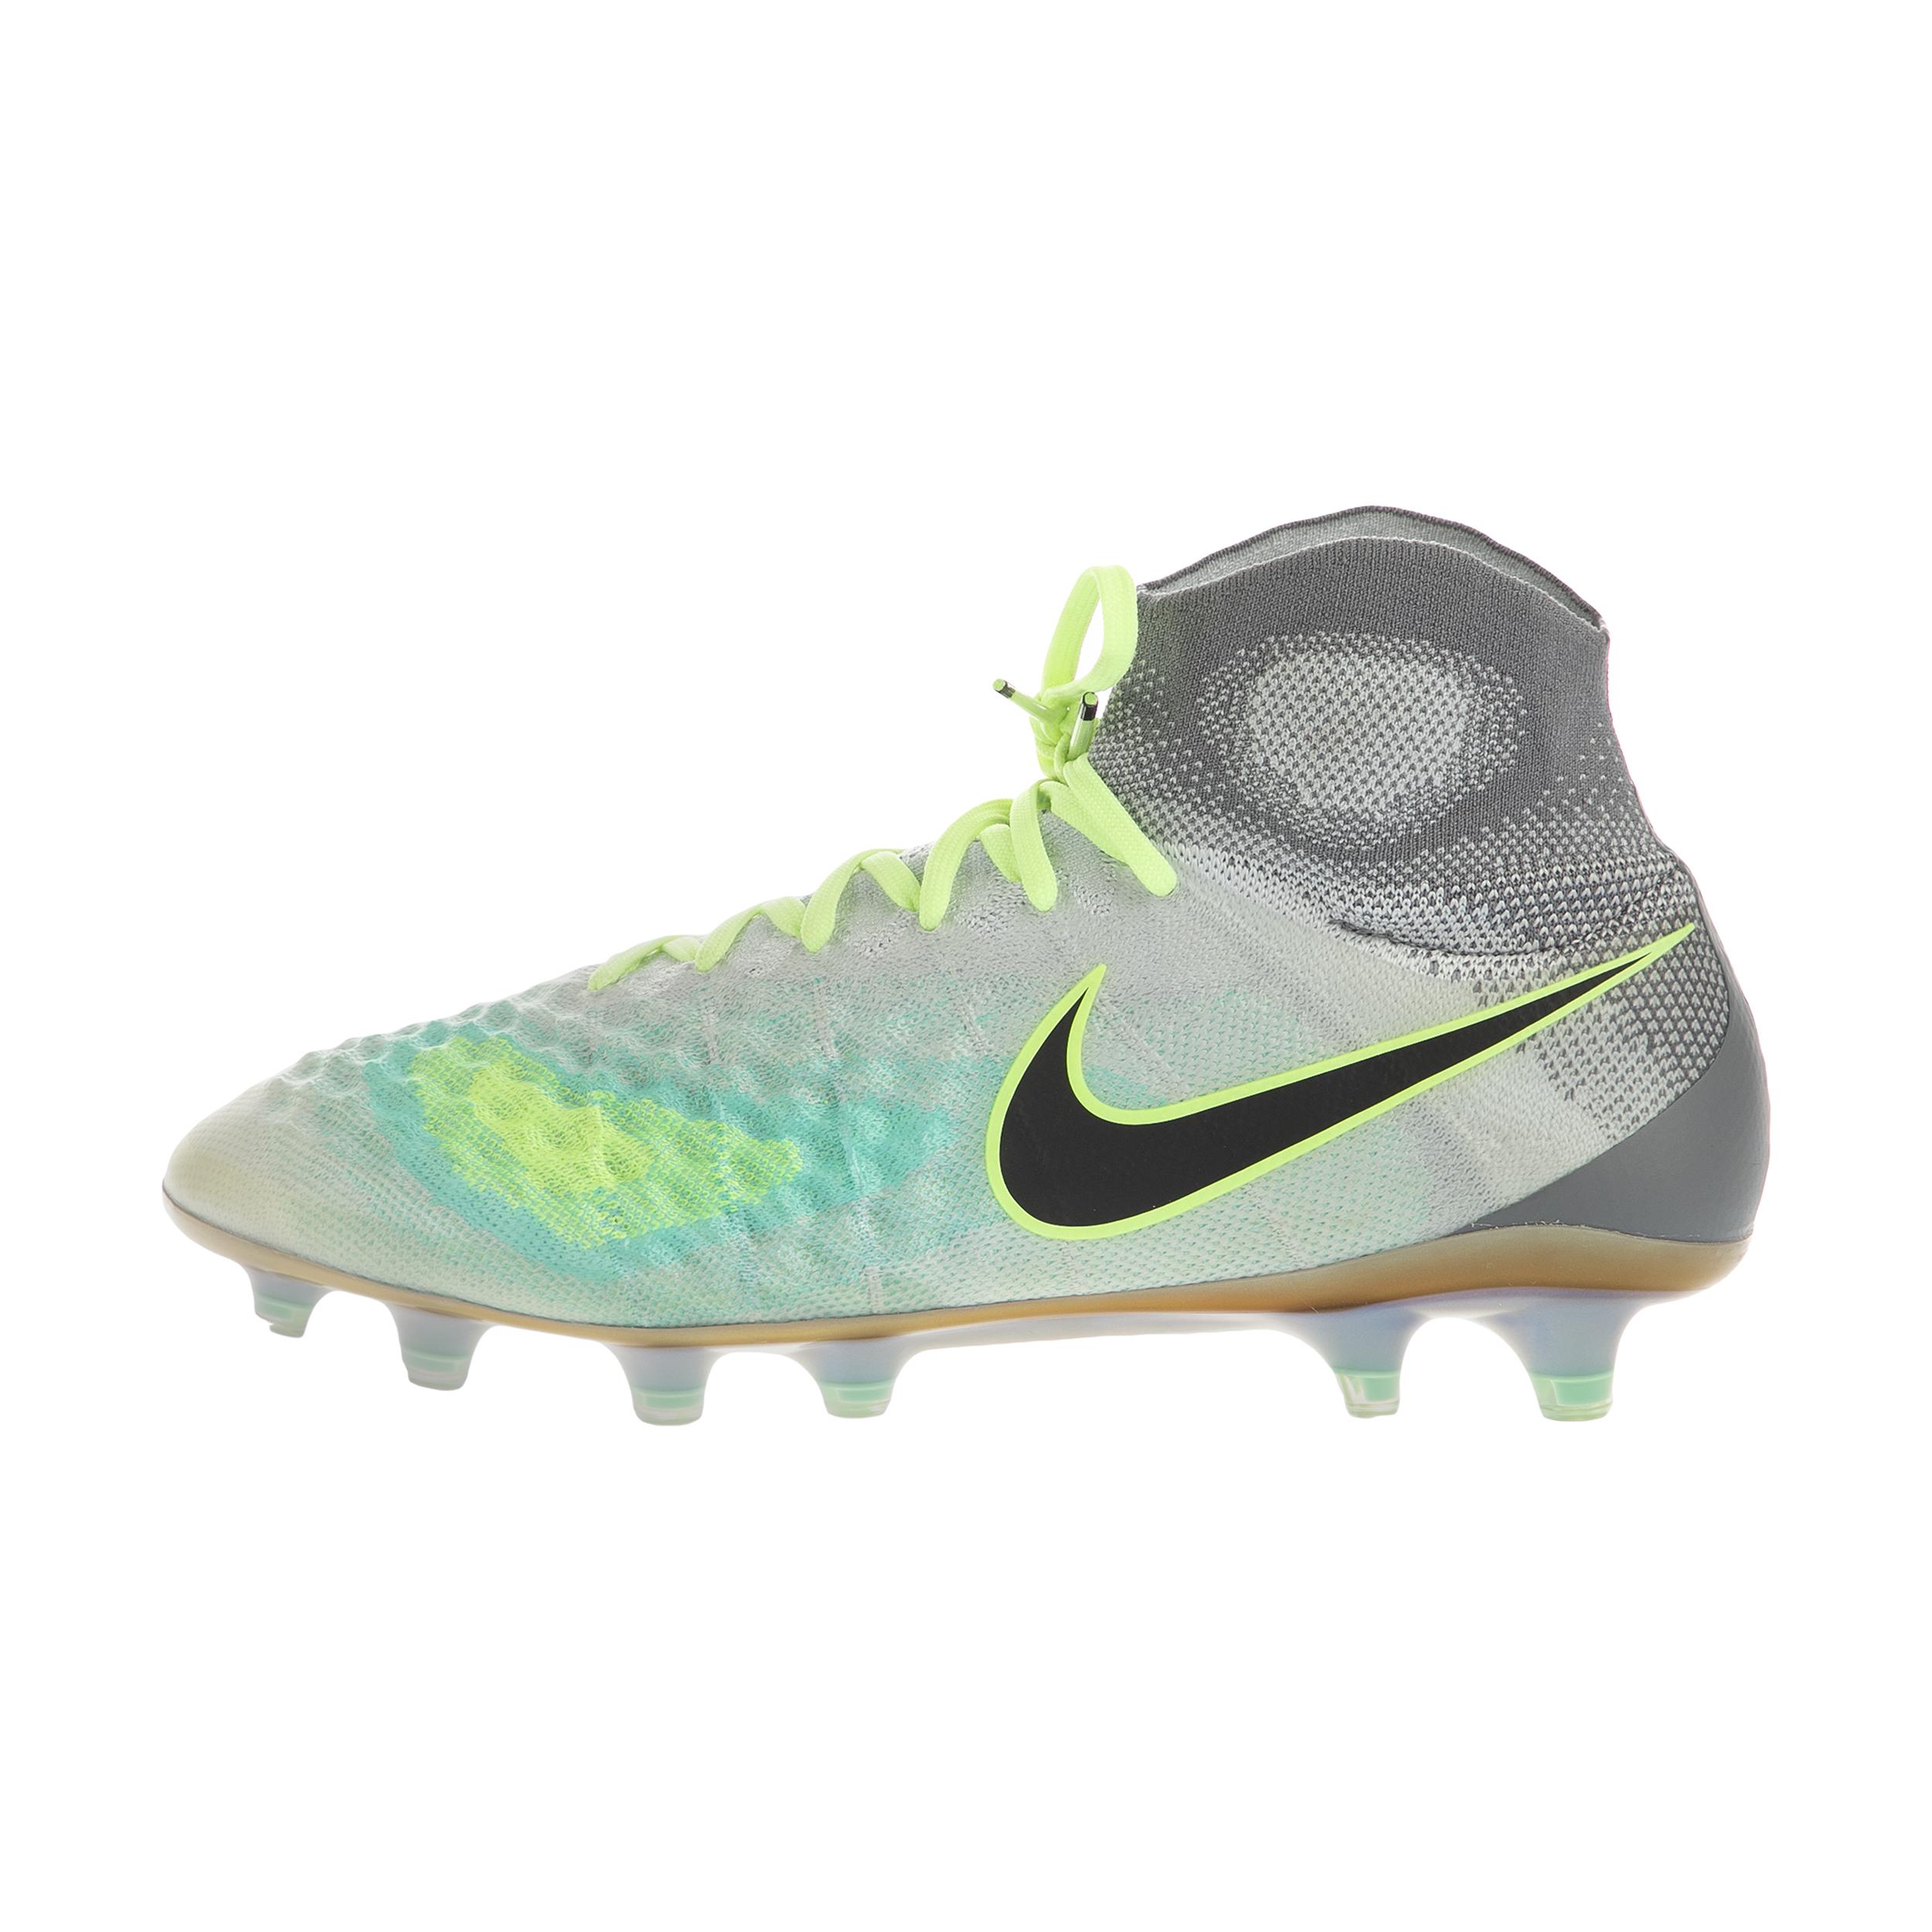 خرید                     کفش فوتبال مردانه نایکی کد 844595-003